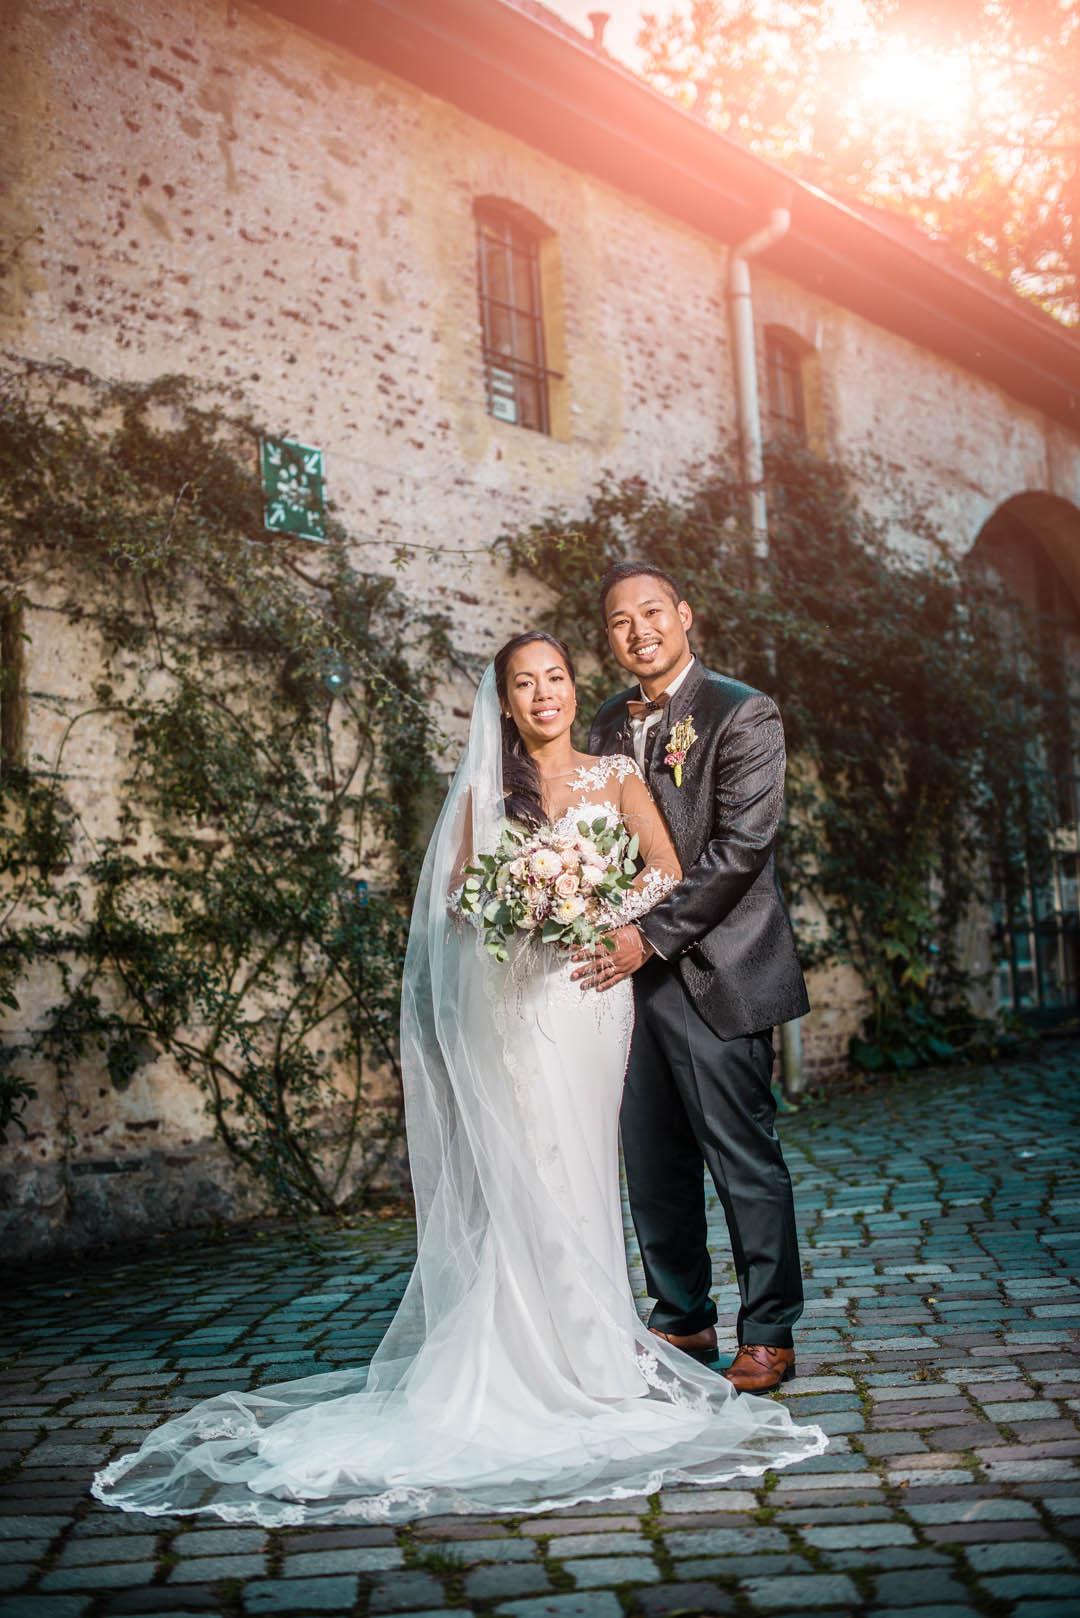 hochzeitsvideografie in NRW. Brautpaar posiert in die Kamera.